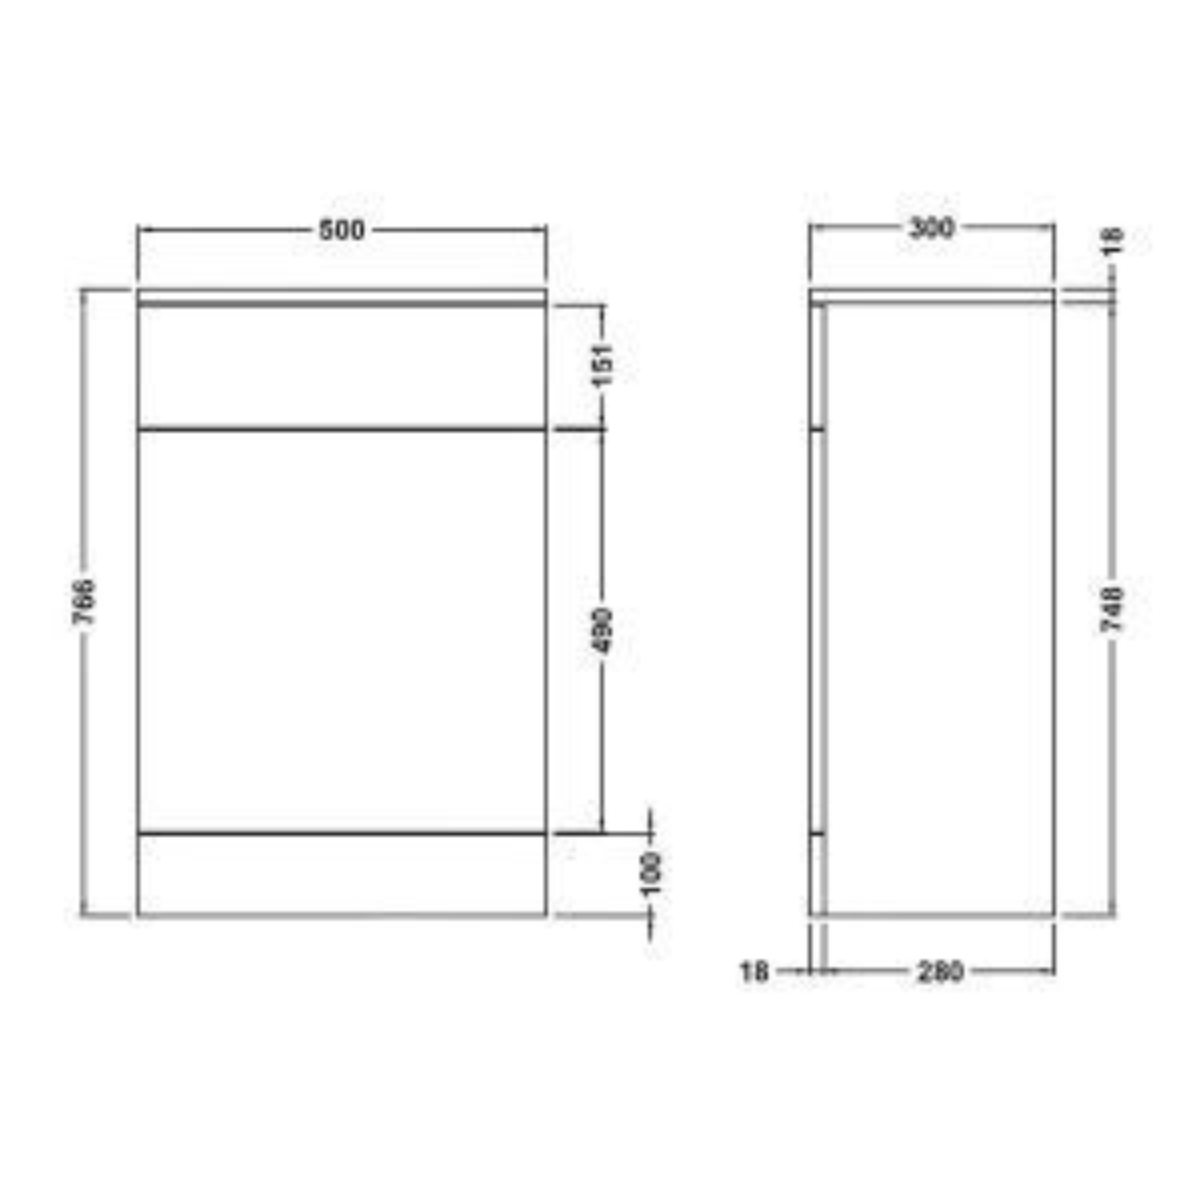 Premier Saturn WC Unit Dimensions